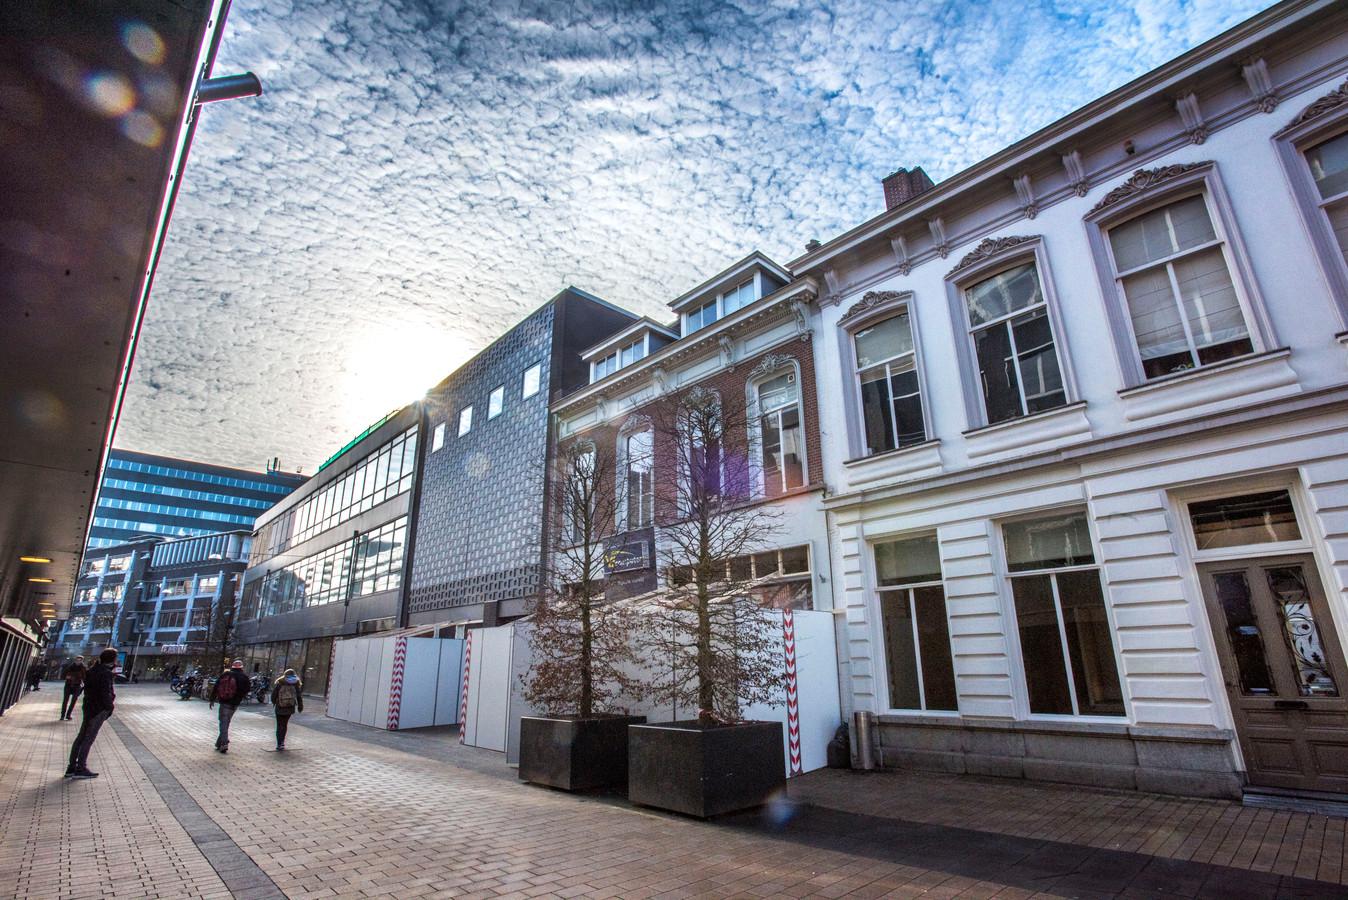 De dode wand in de Willem II-straat.